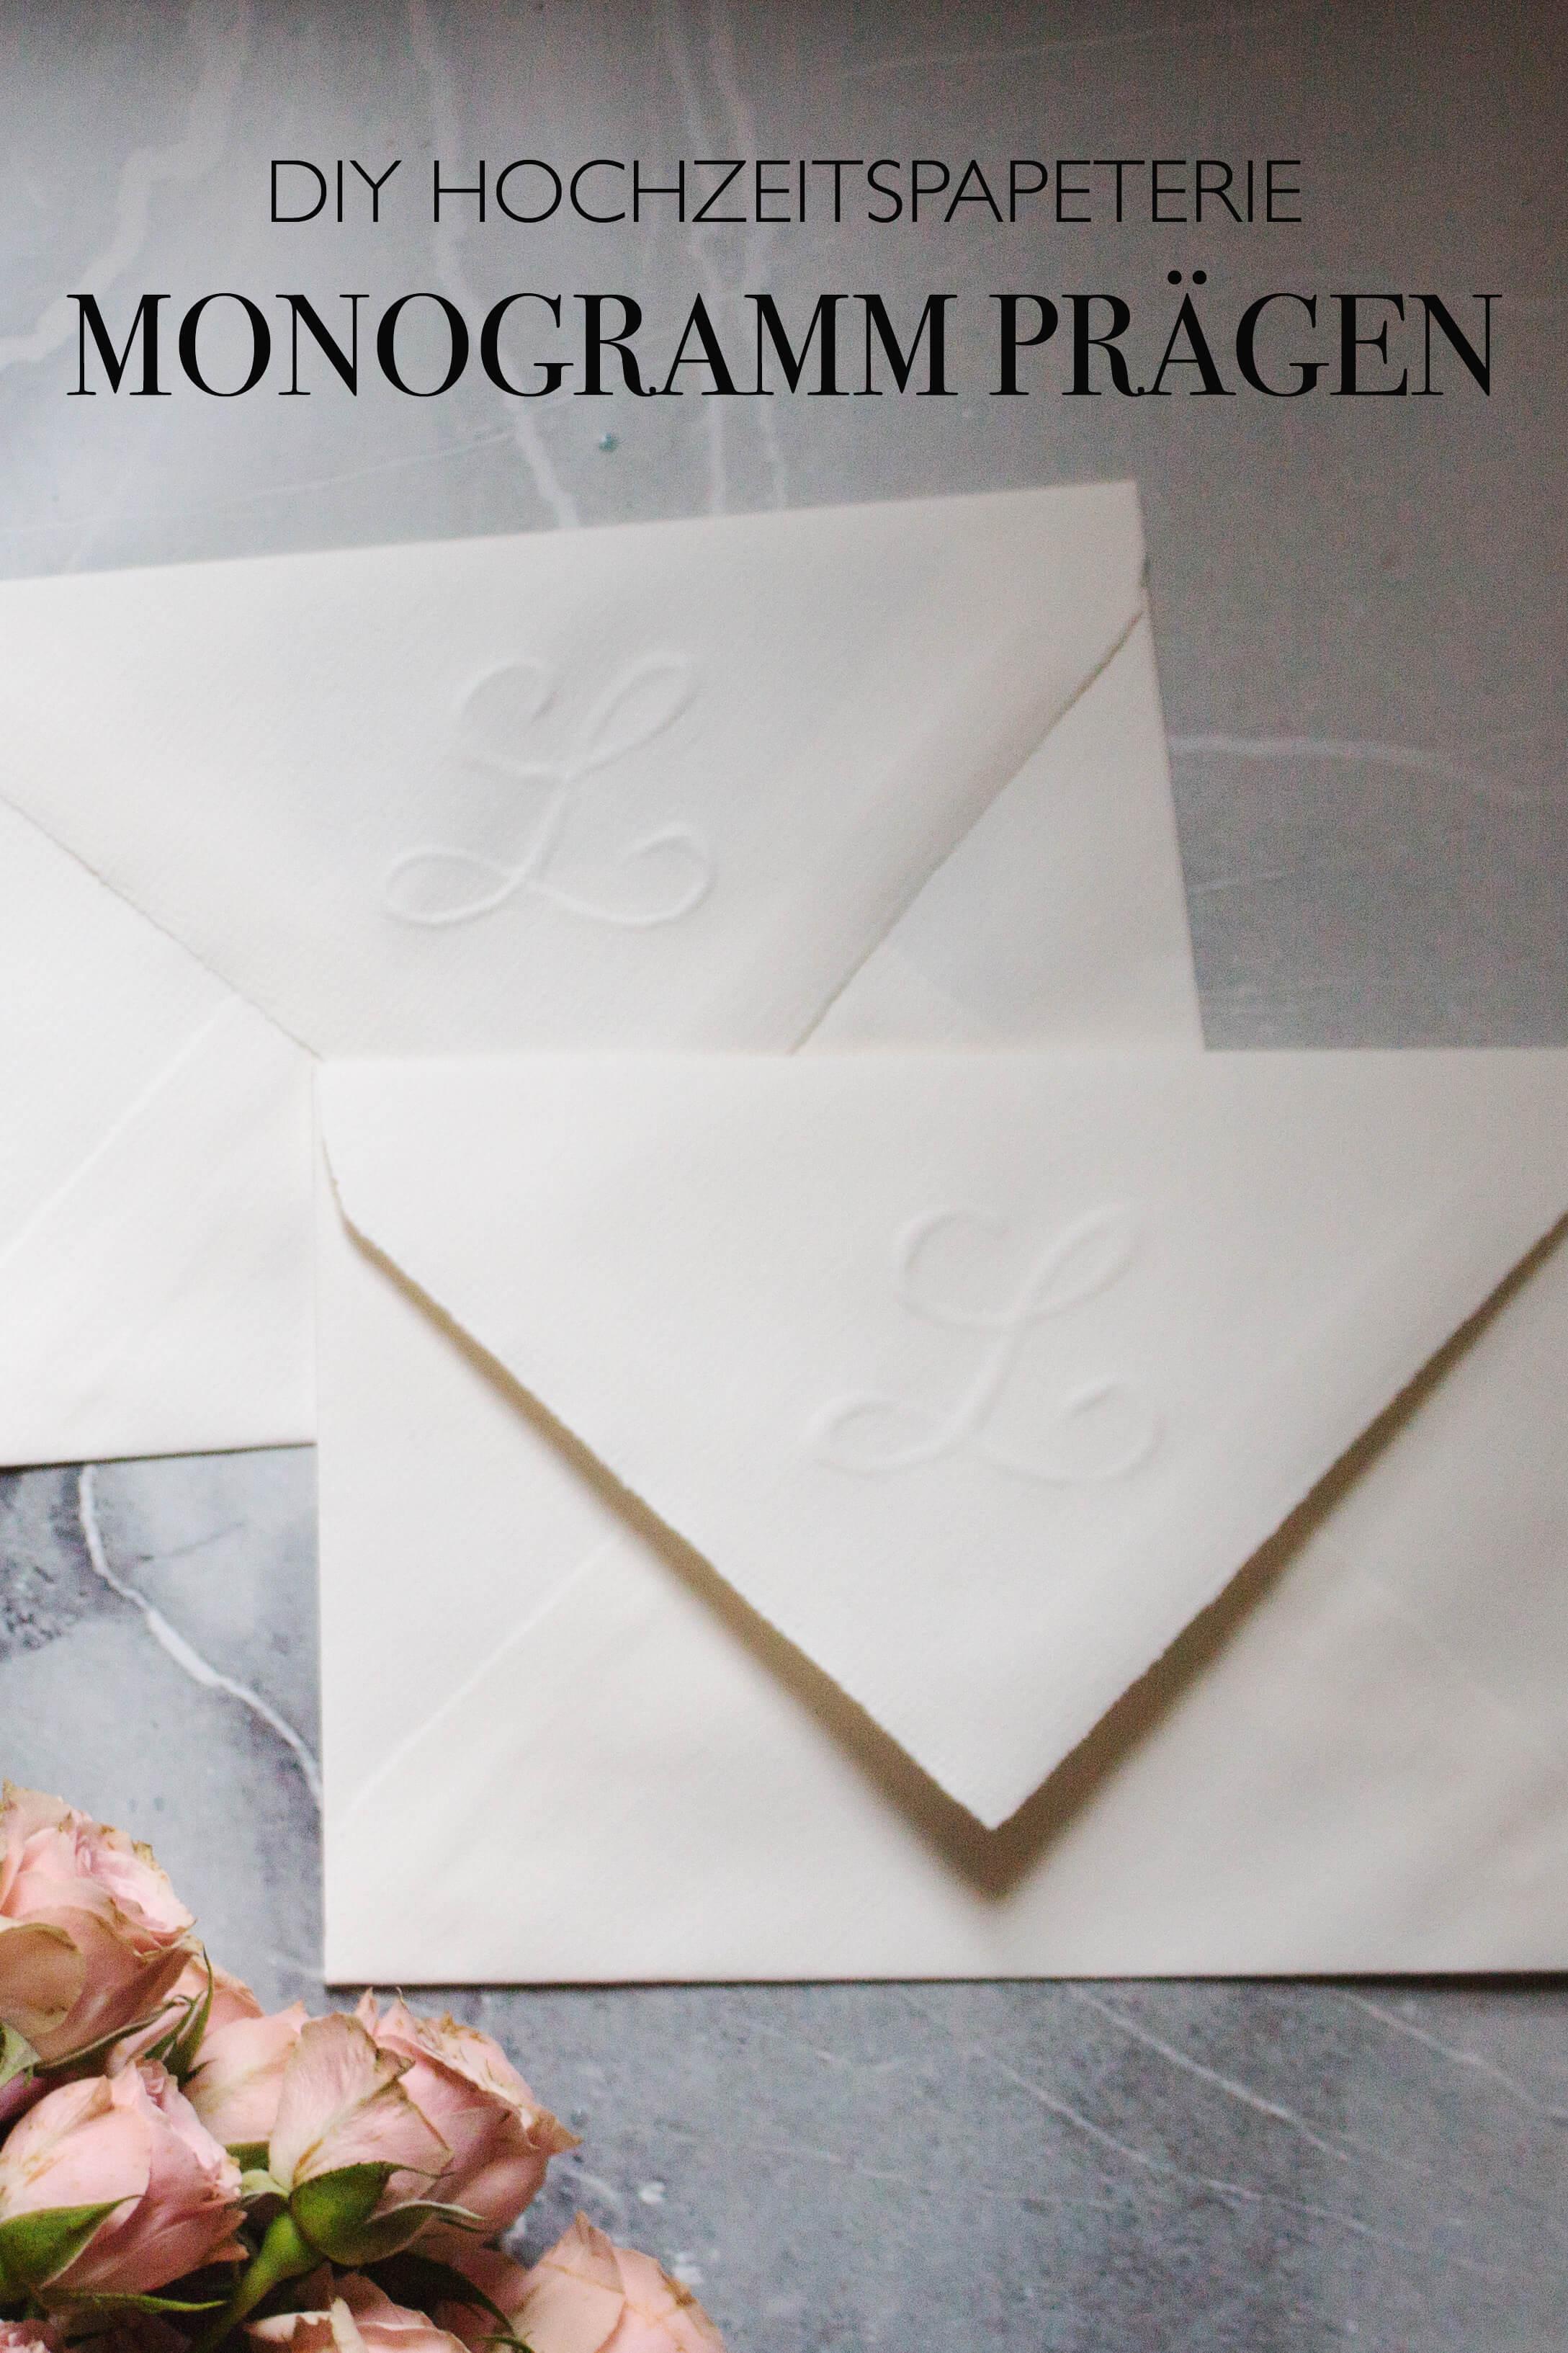 DIY Hochzeit Einladungskarten selber machen Briefumschlag Monogramm prägen